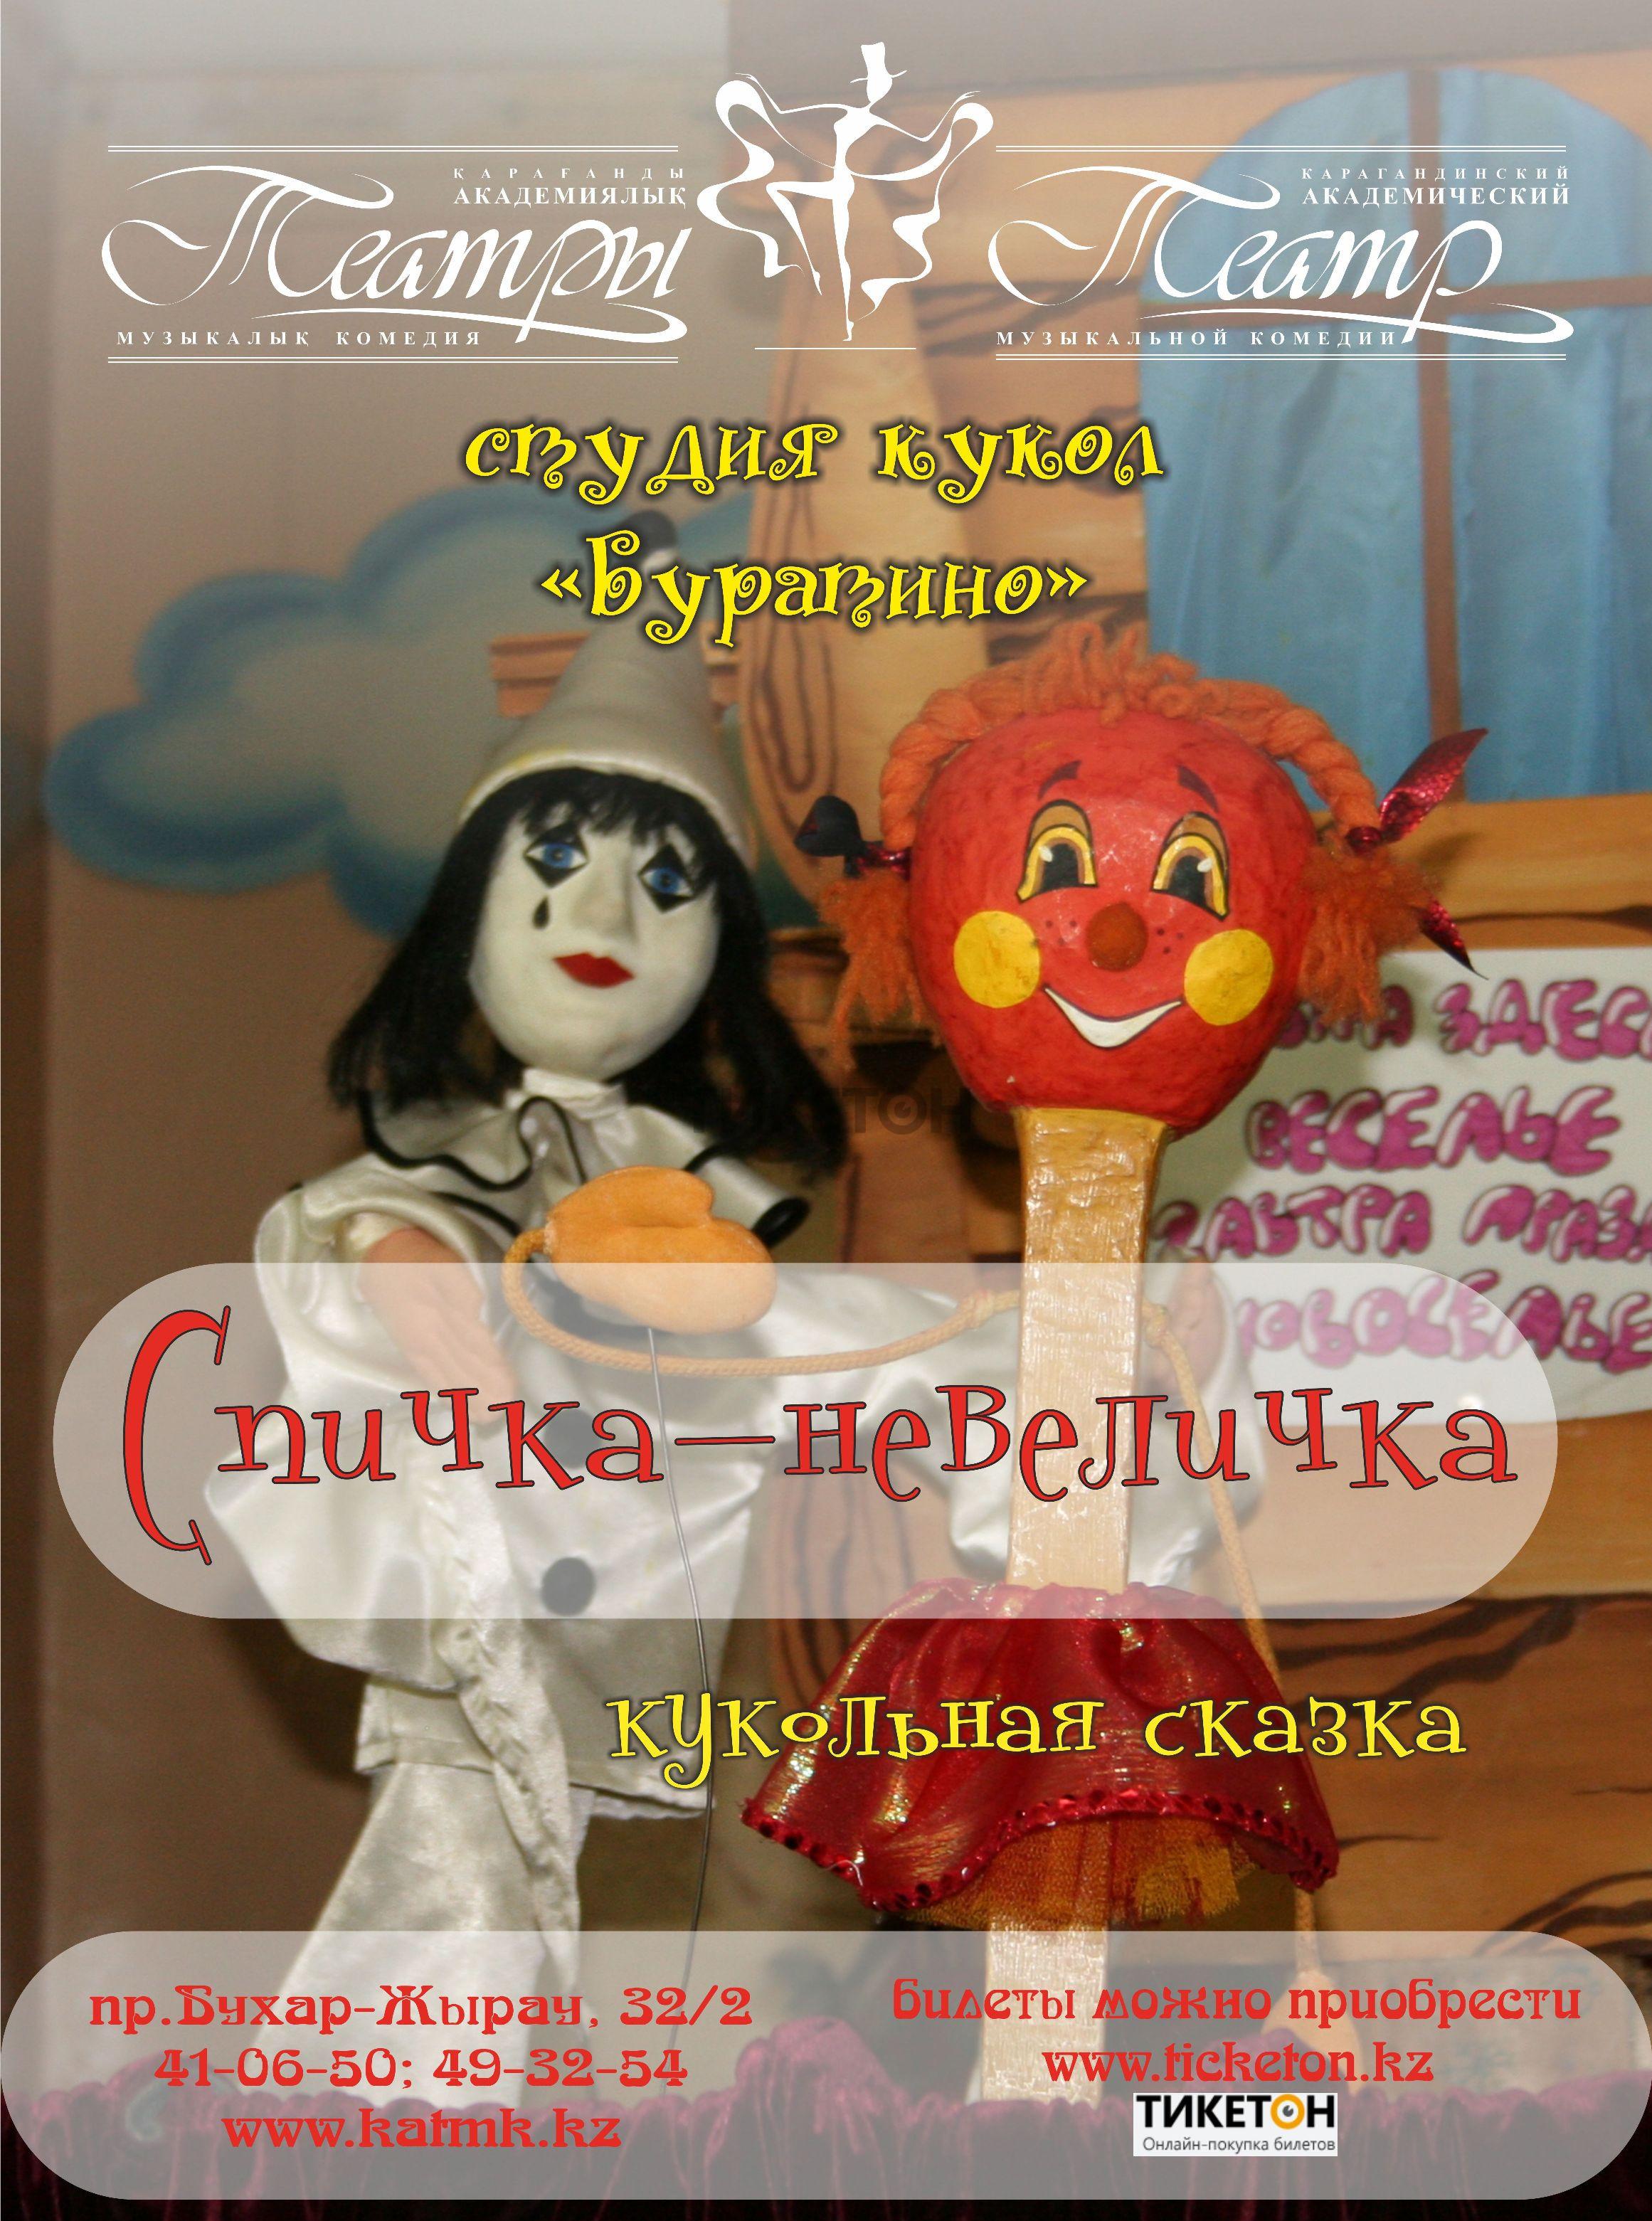 spicka-nevelicka